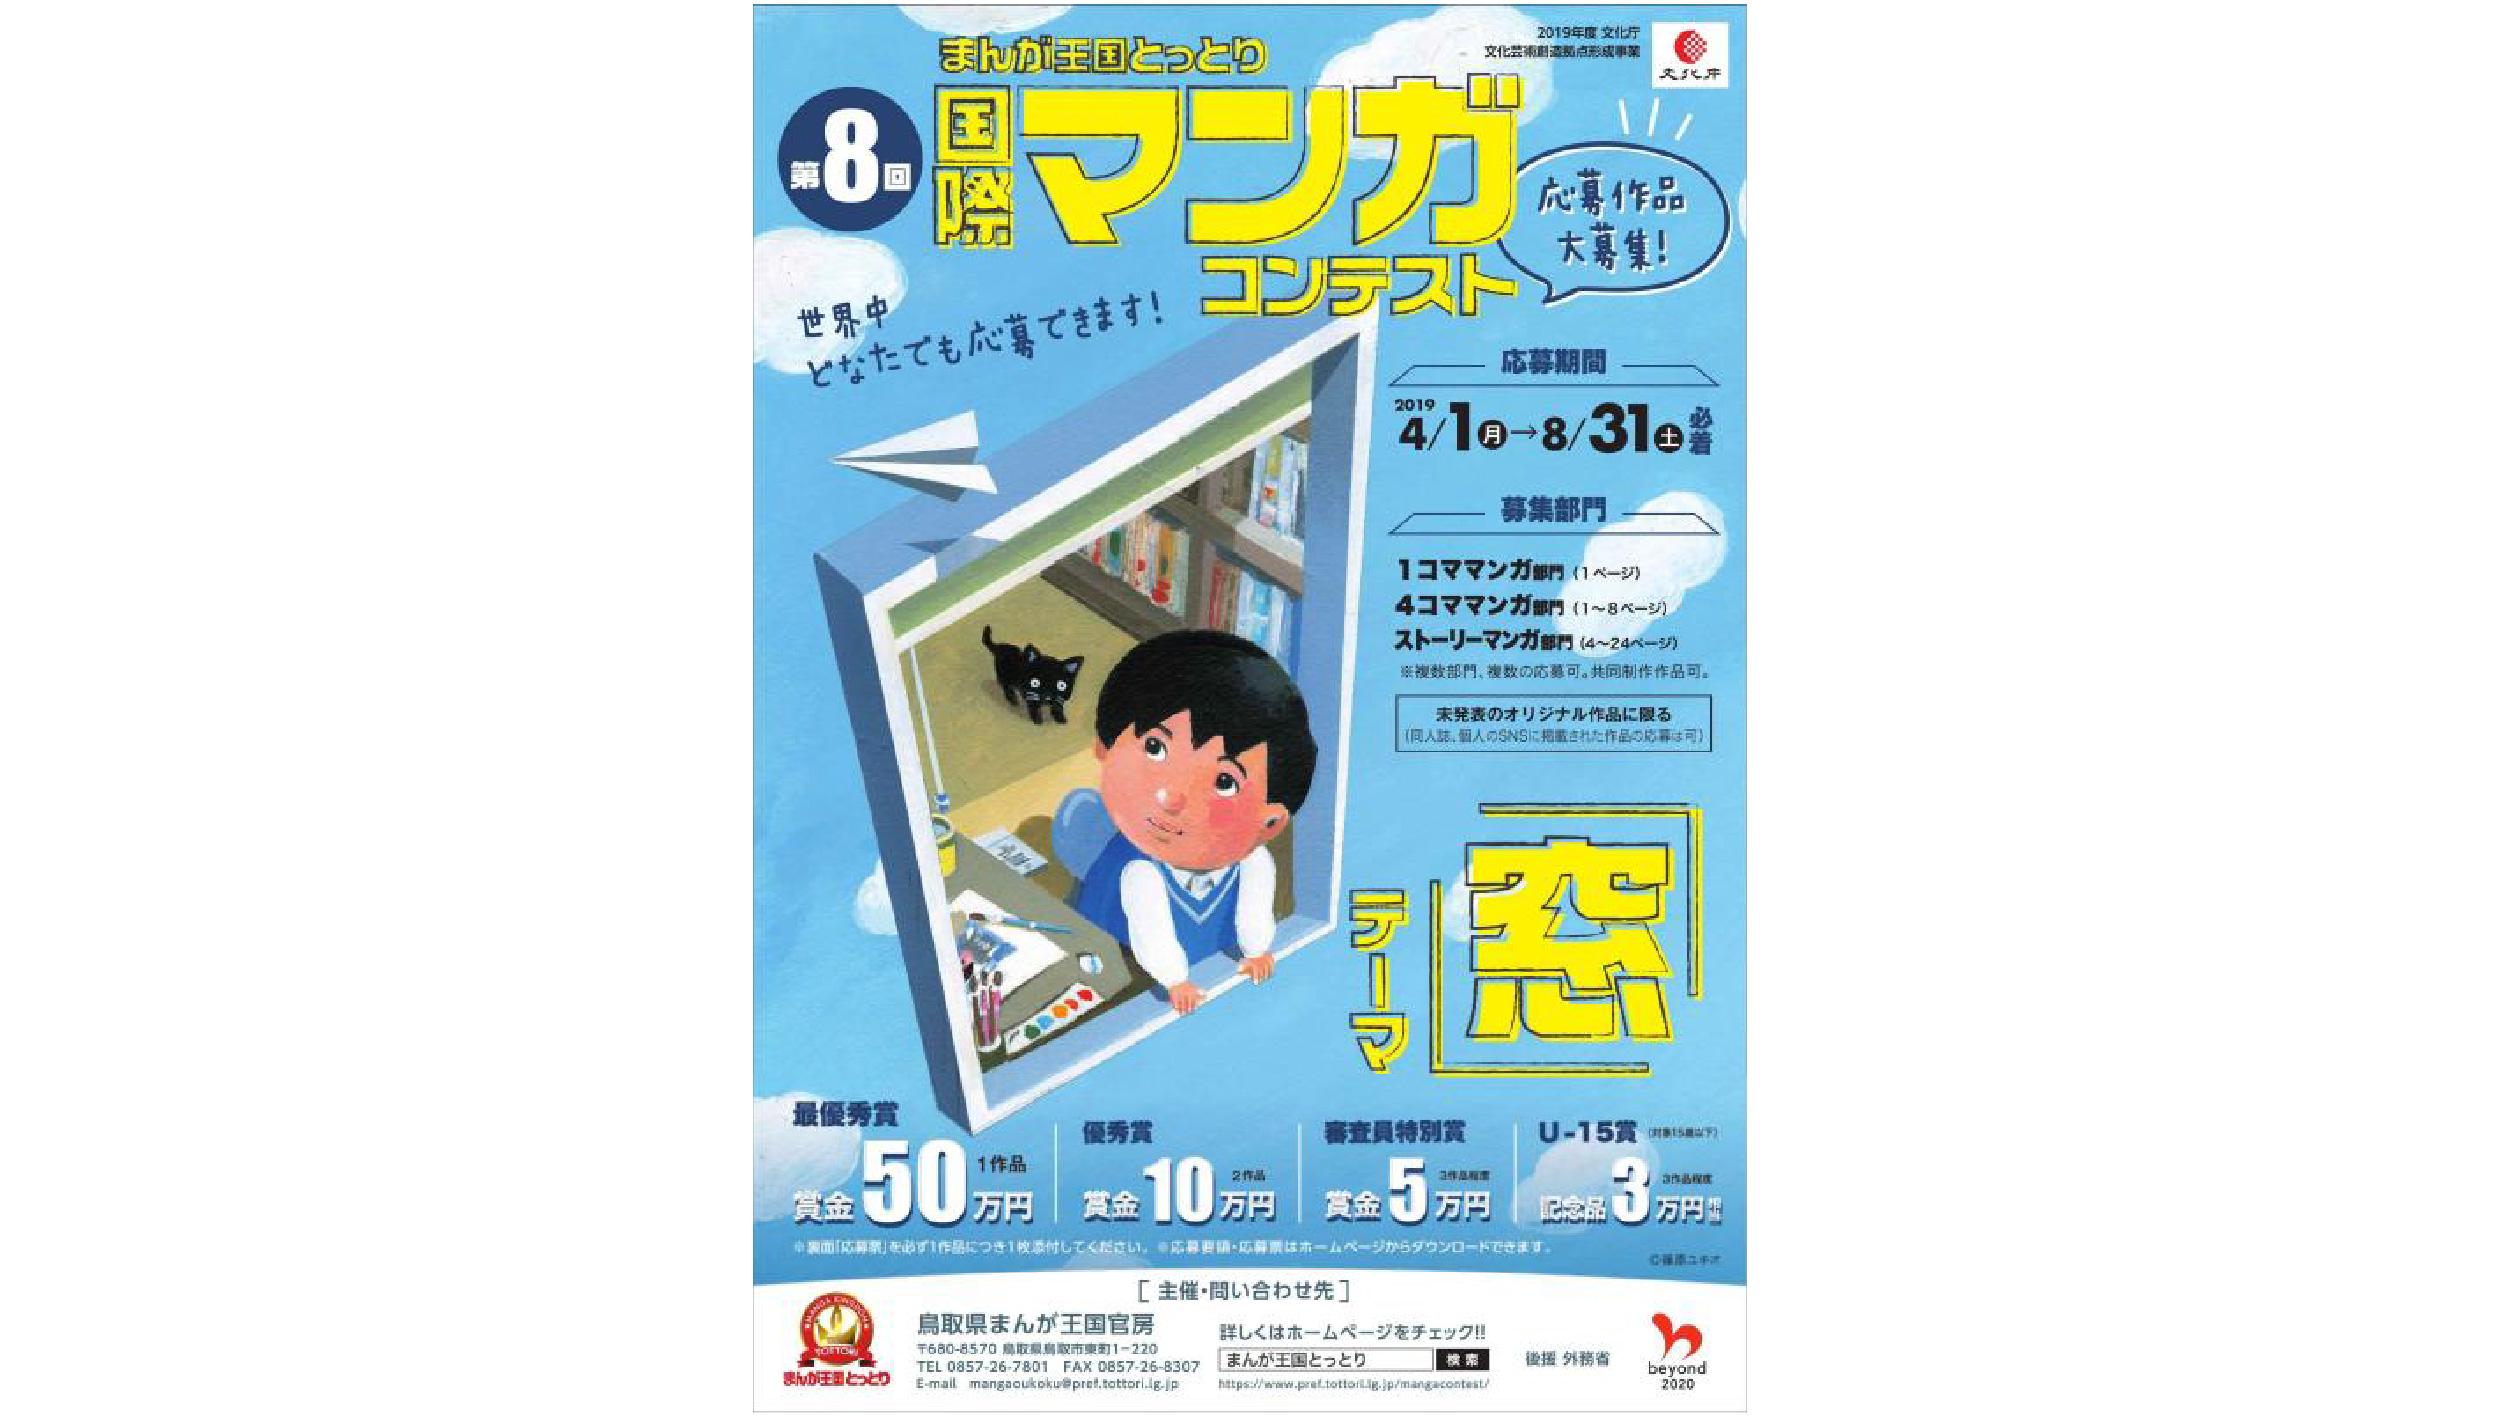 第八屆漫畫王國鳥取國際漫畫比賽